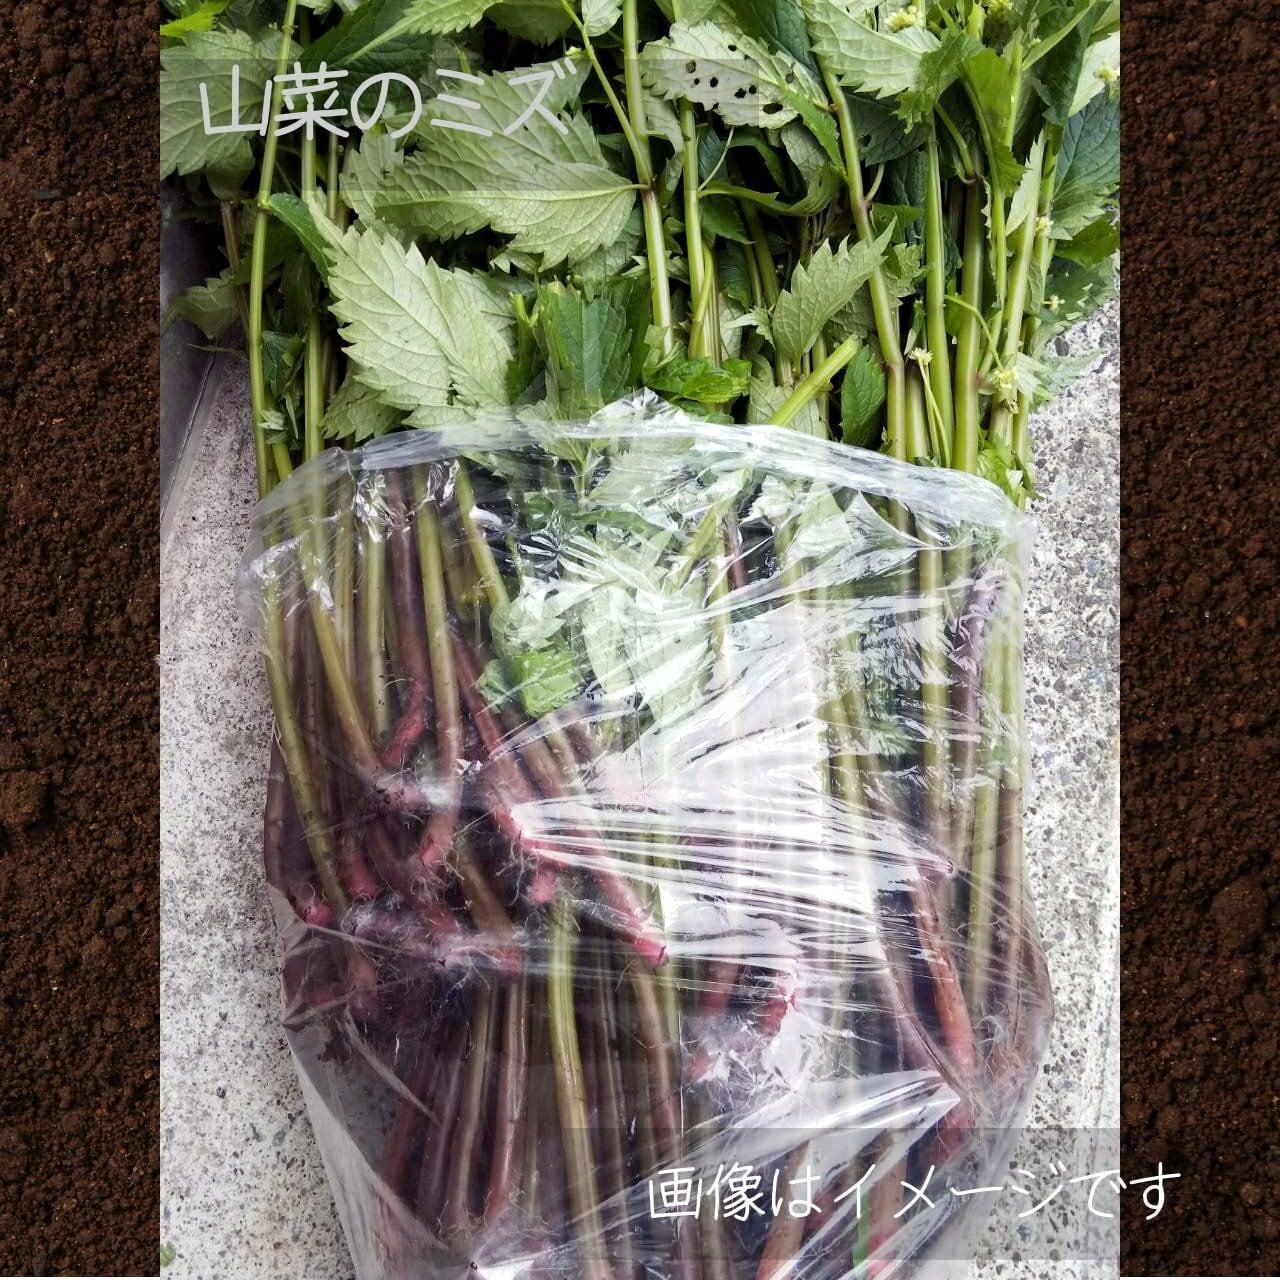 春の新鮮野菜 ミズ 1束: 5月朝採り直売野菜 5月29日発送予定